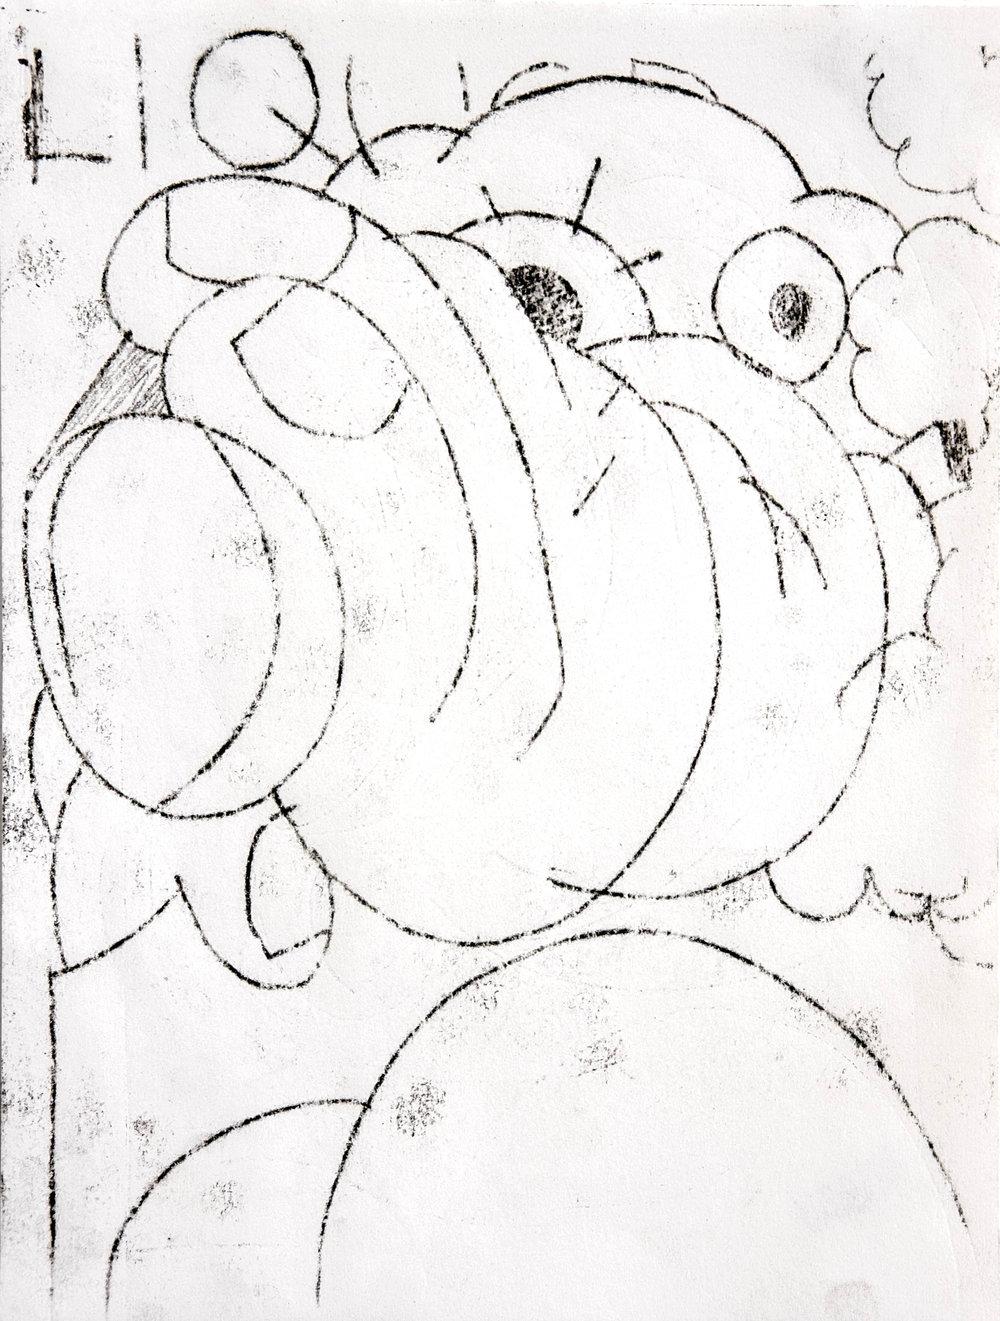 DSCF9608-9 (2).jpg